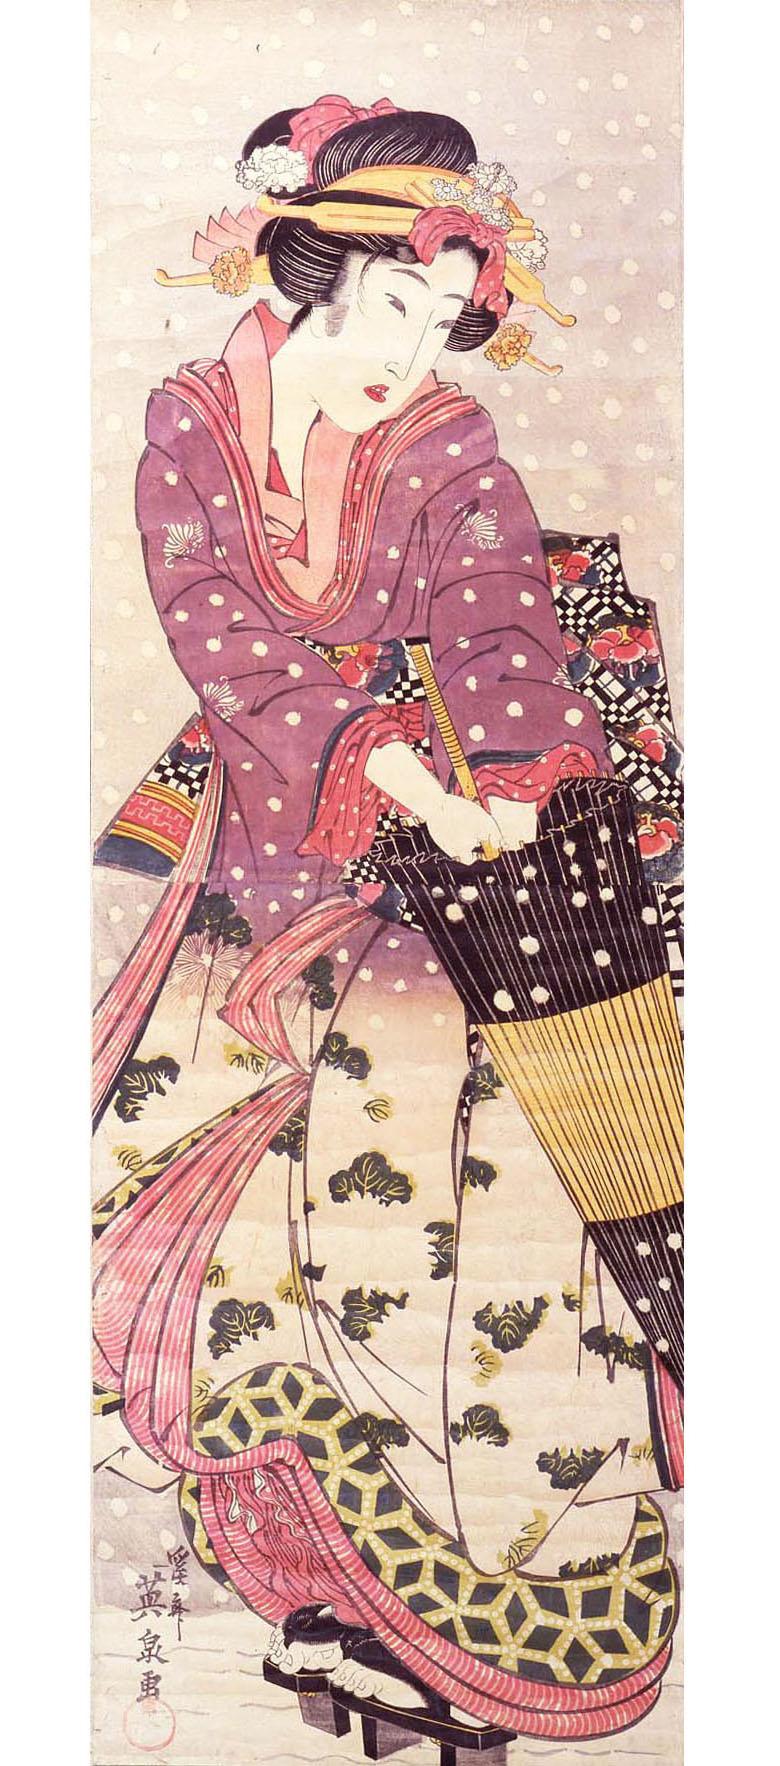 江戸ッ娘 – kawaiiの系譜   太田記念美術館 ota memorial museum of art